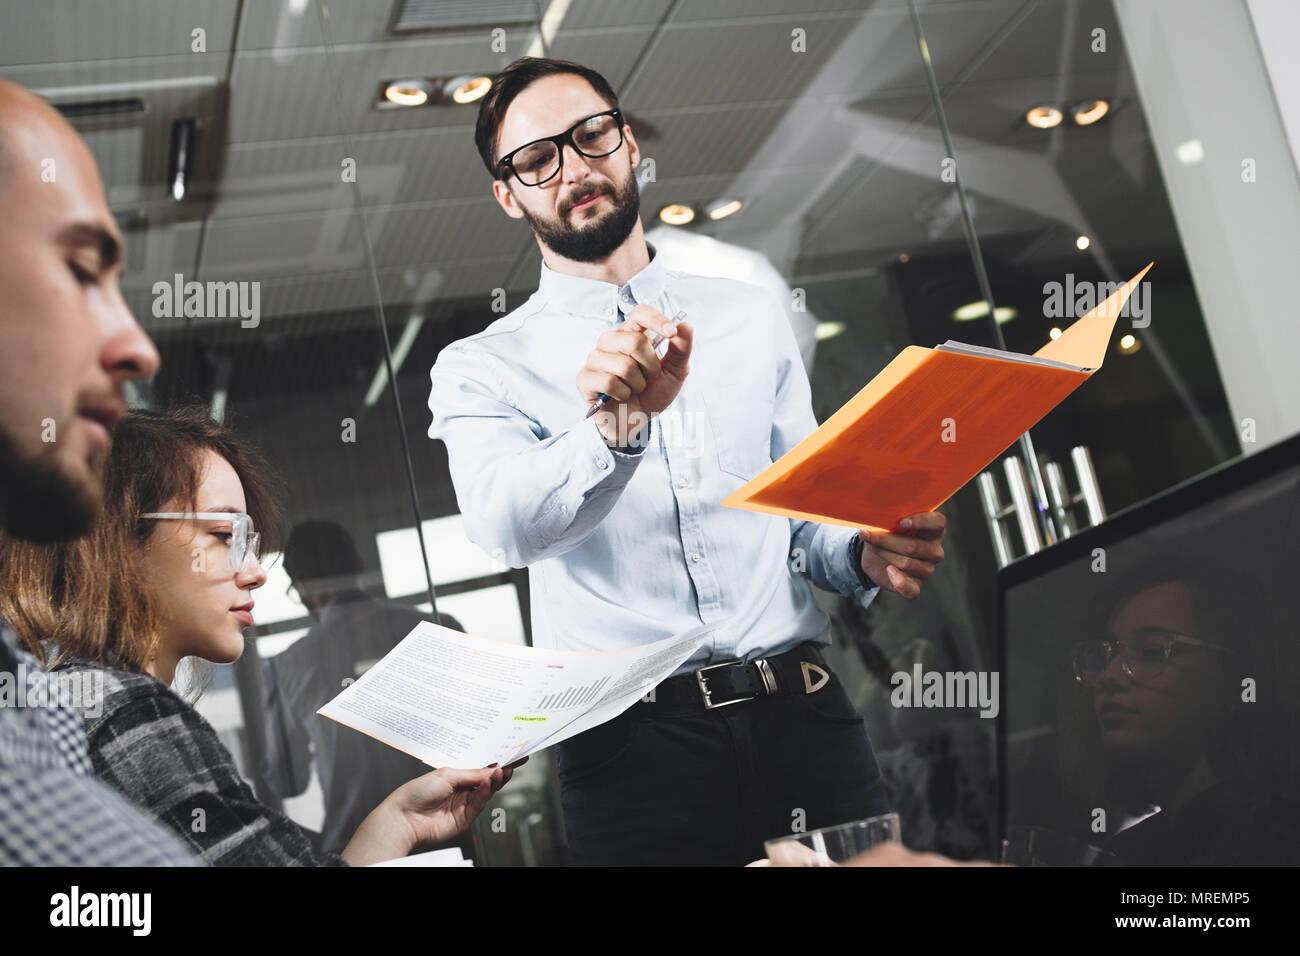 Barbuto imprenditore presenta un nuovo progetto. HR manager conduce ulteriormente avanzato di formazione. Concetto di formazione del personale Immagini Stock